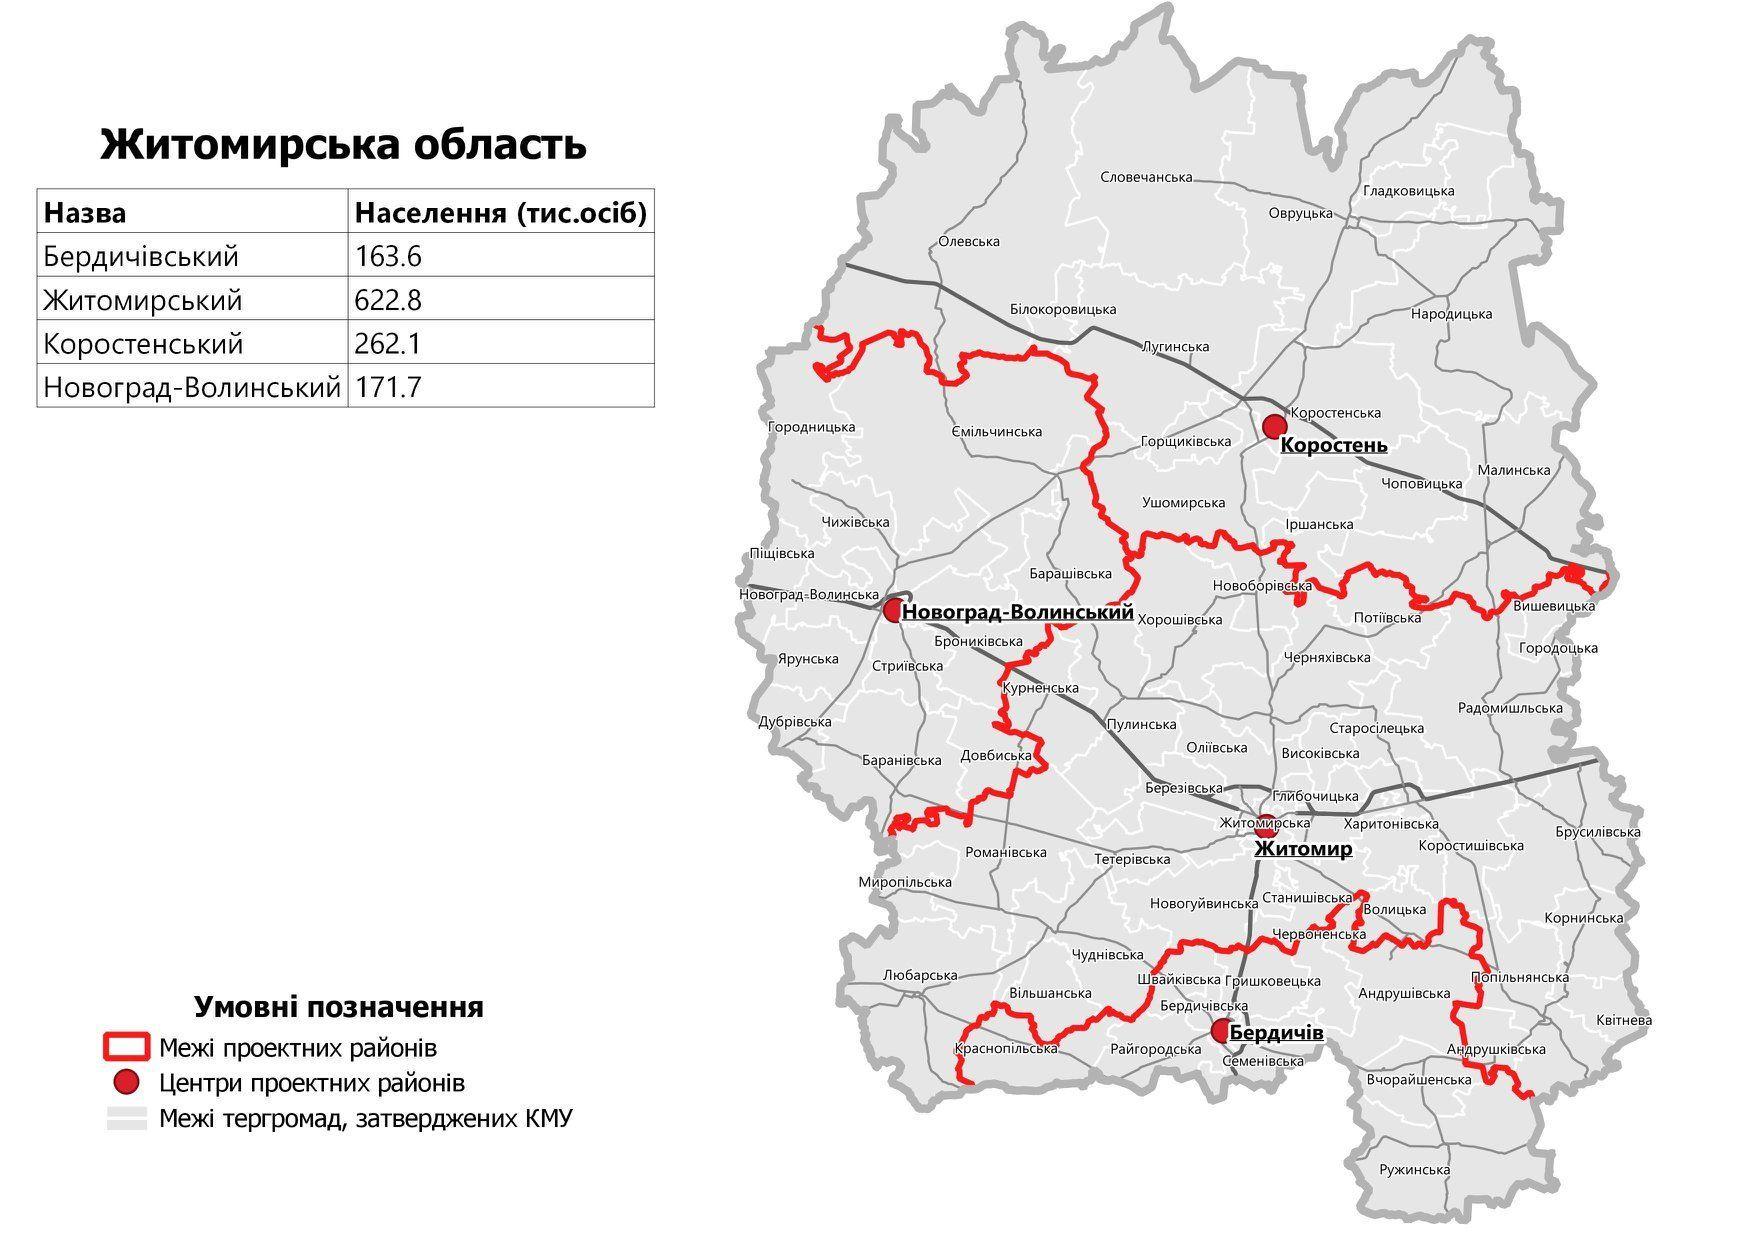 Мапа нових районів_2